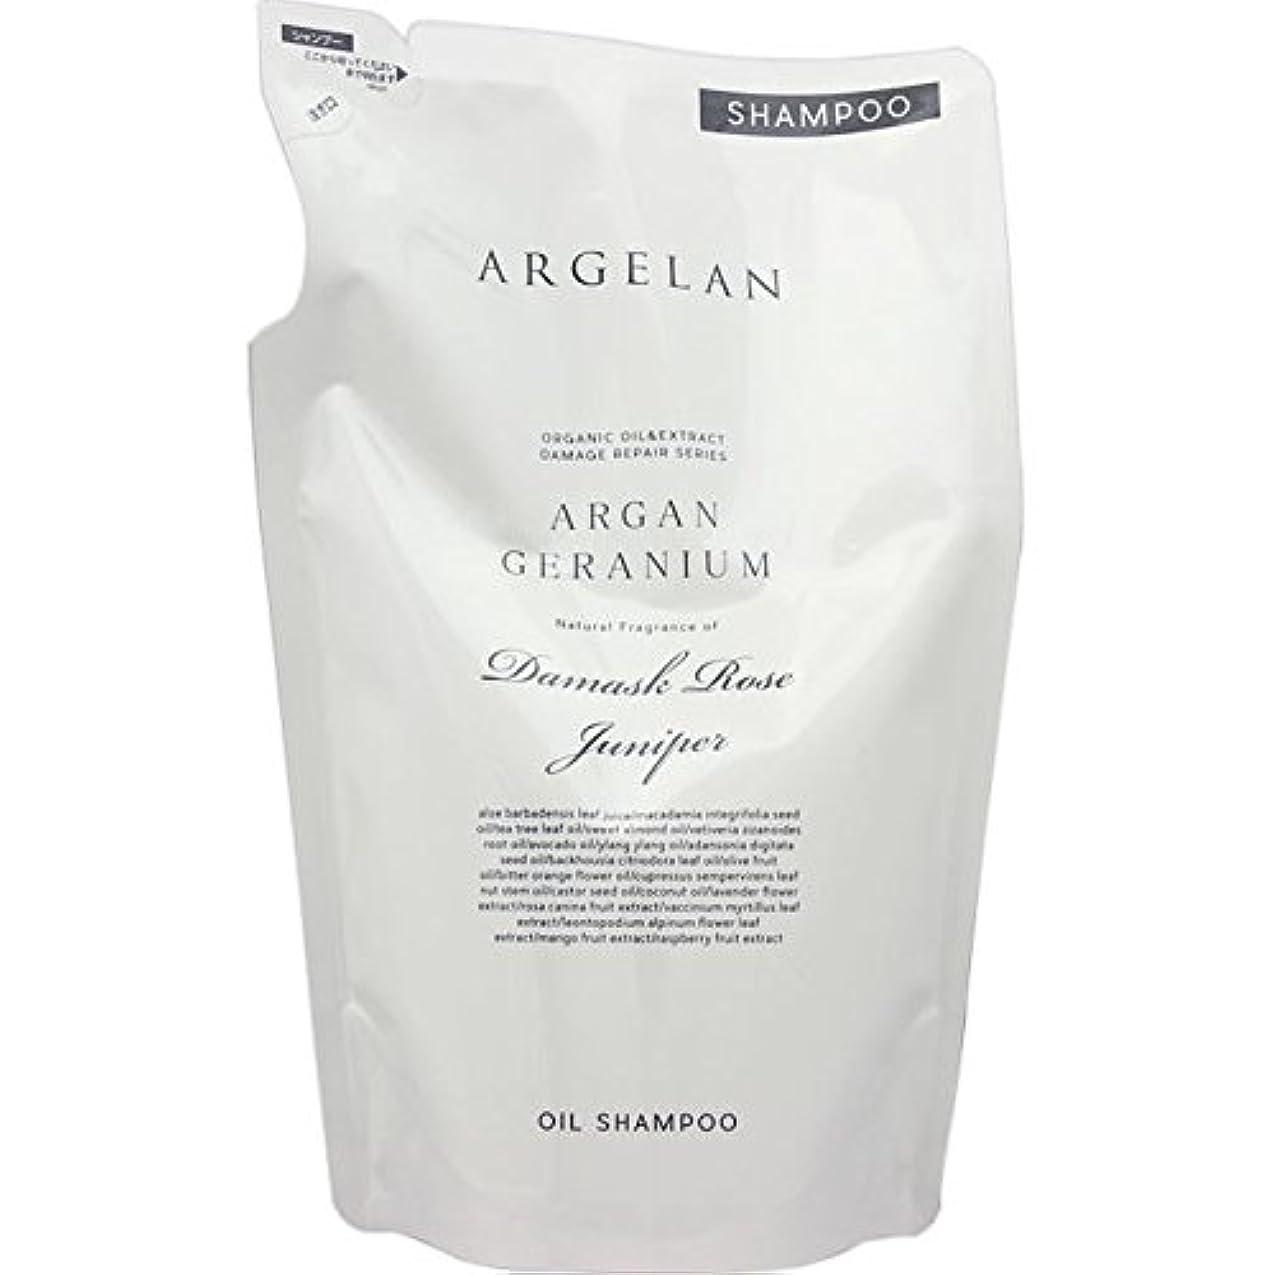 不倫物質感性アルジェラン オーガニック 手搾りアルガン オイル シャンプー 詰替え用 400ml詰替